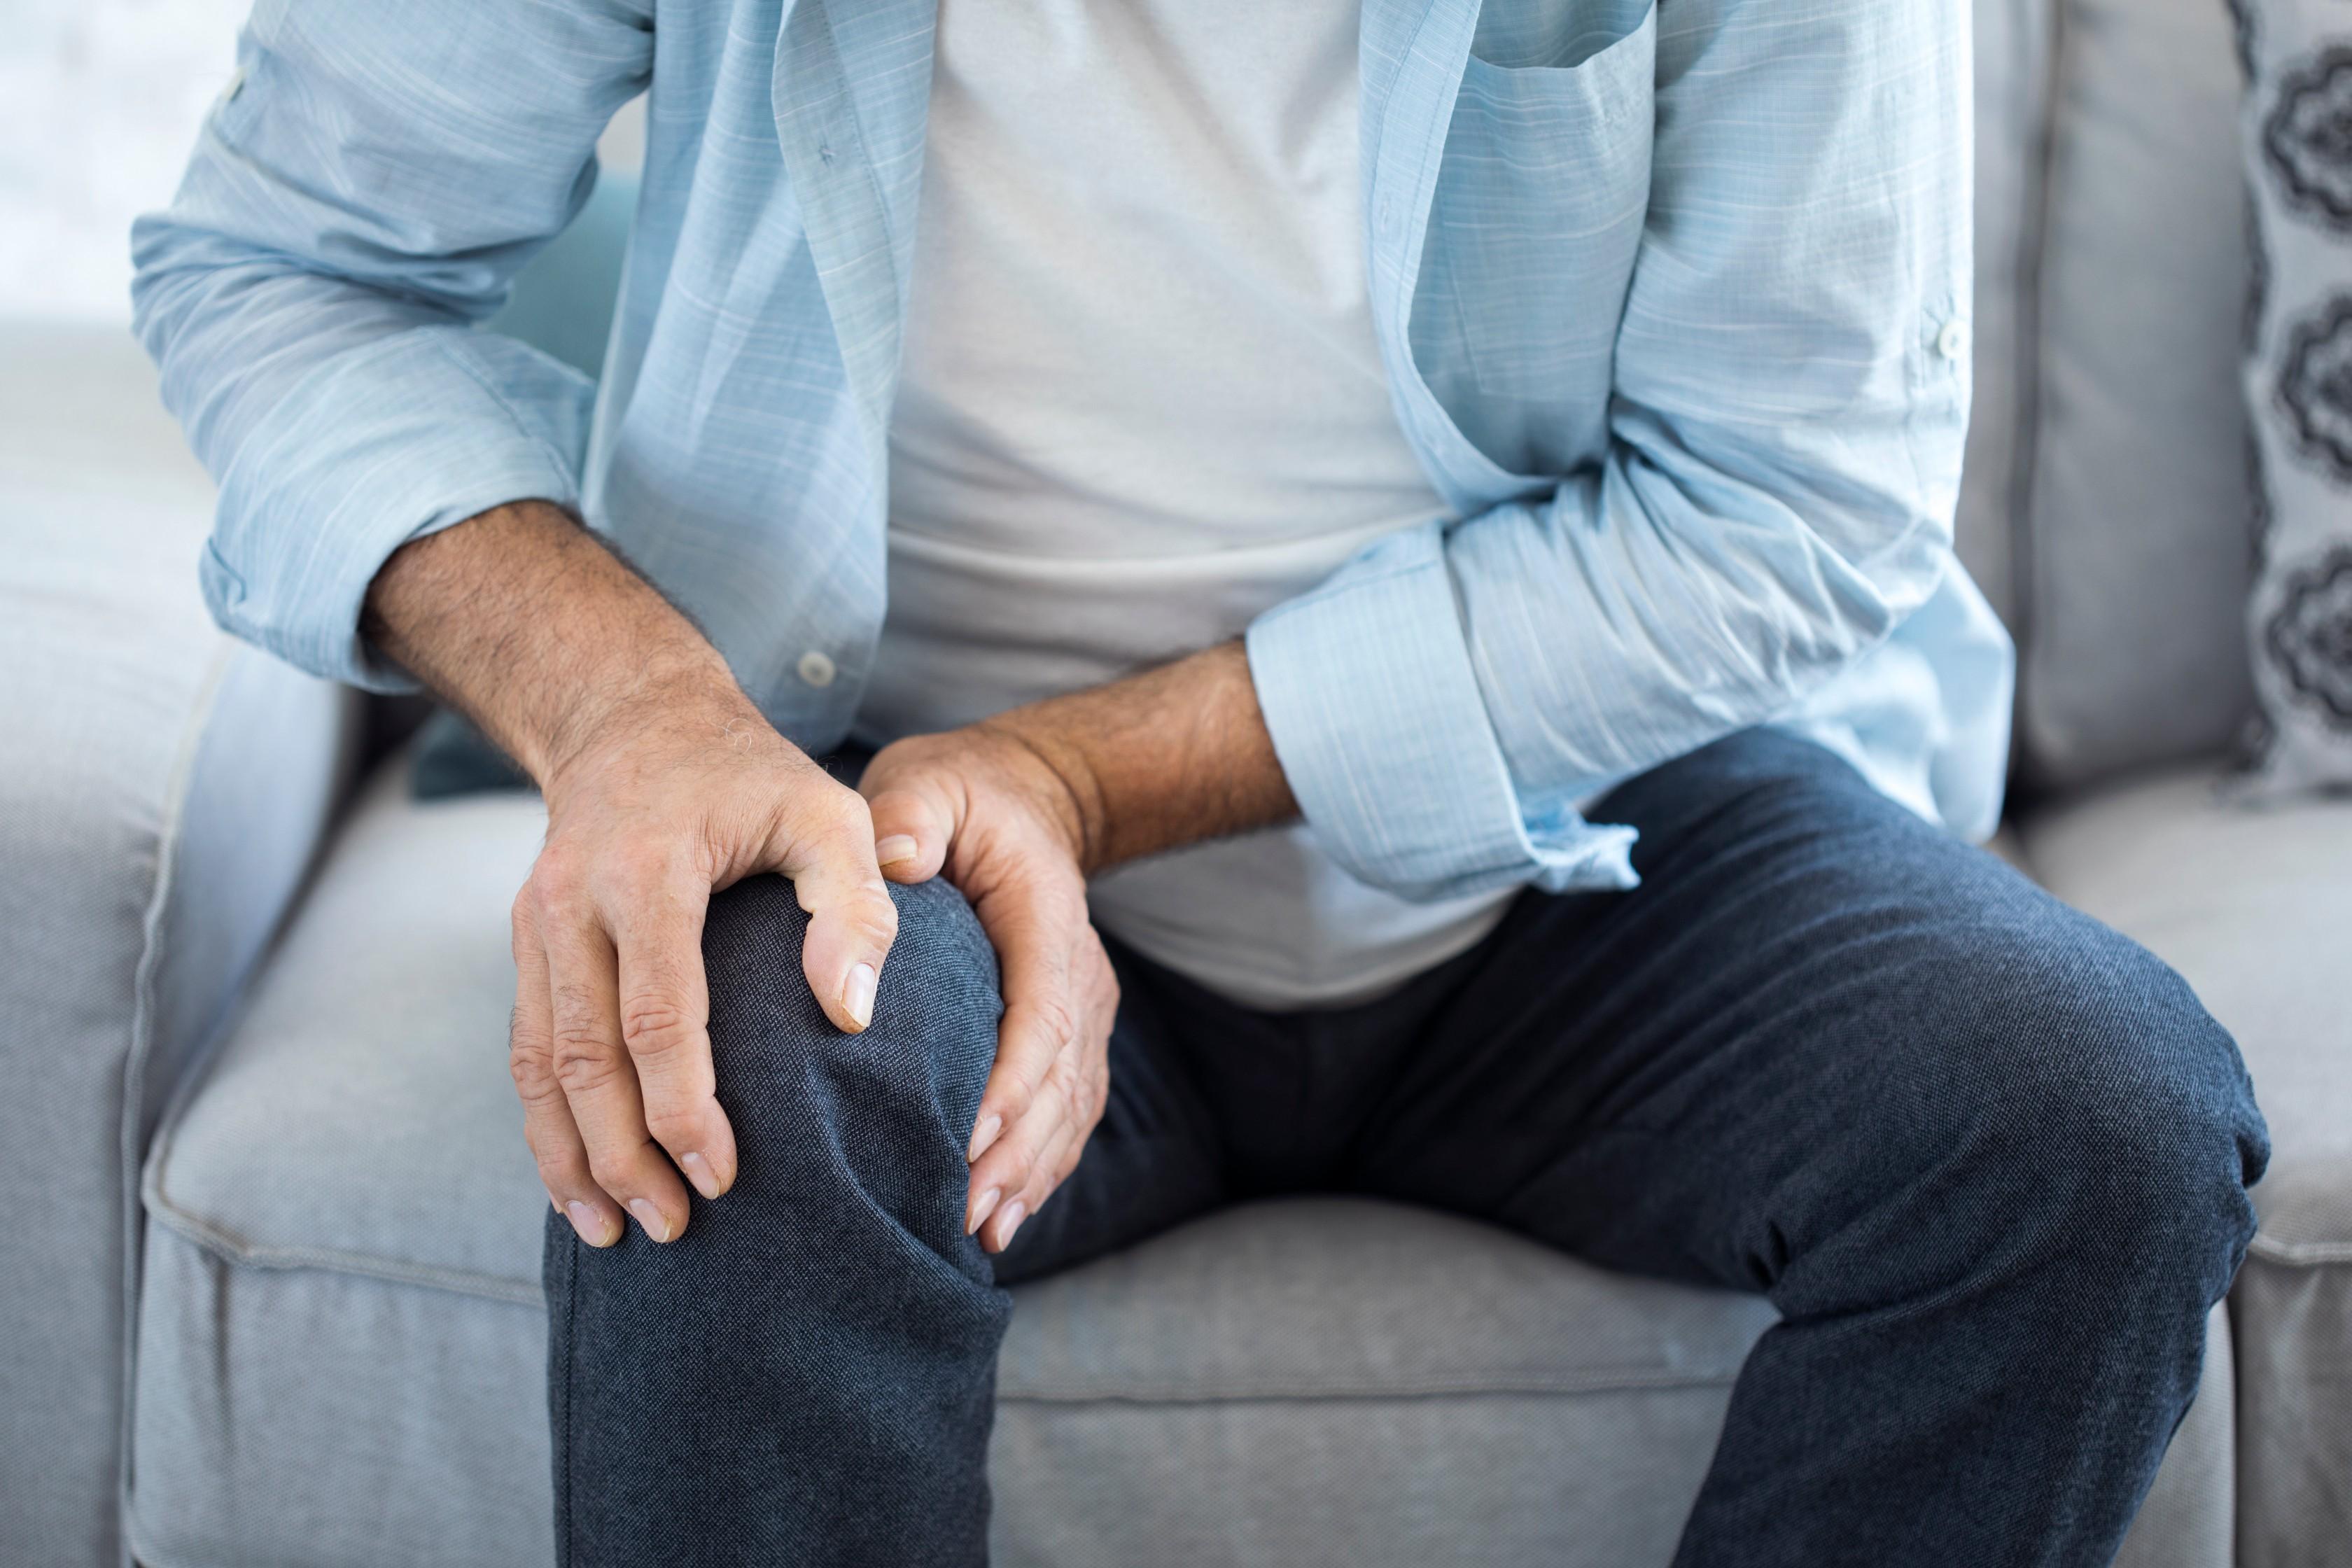 súlyos ízületi fájdalom, különösen a kezekben csípőízületi fájdalom a férjnél